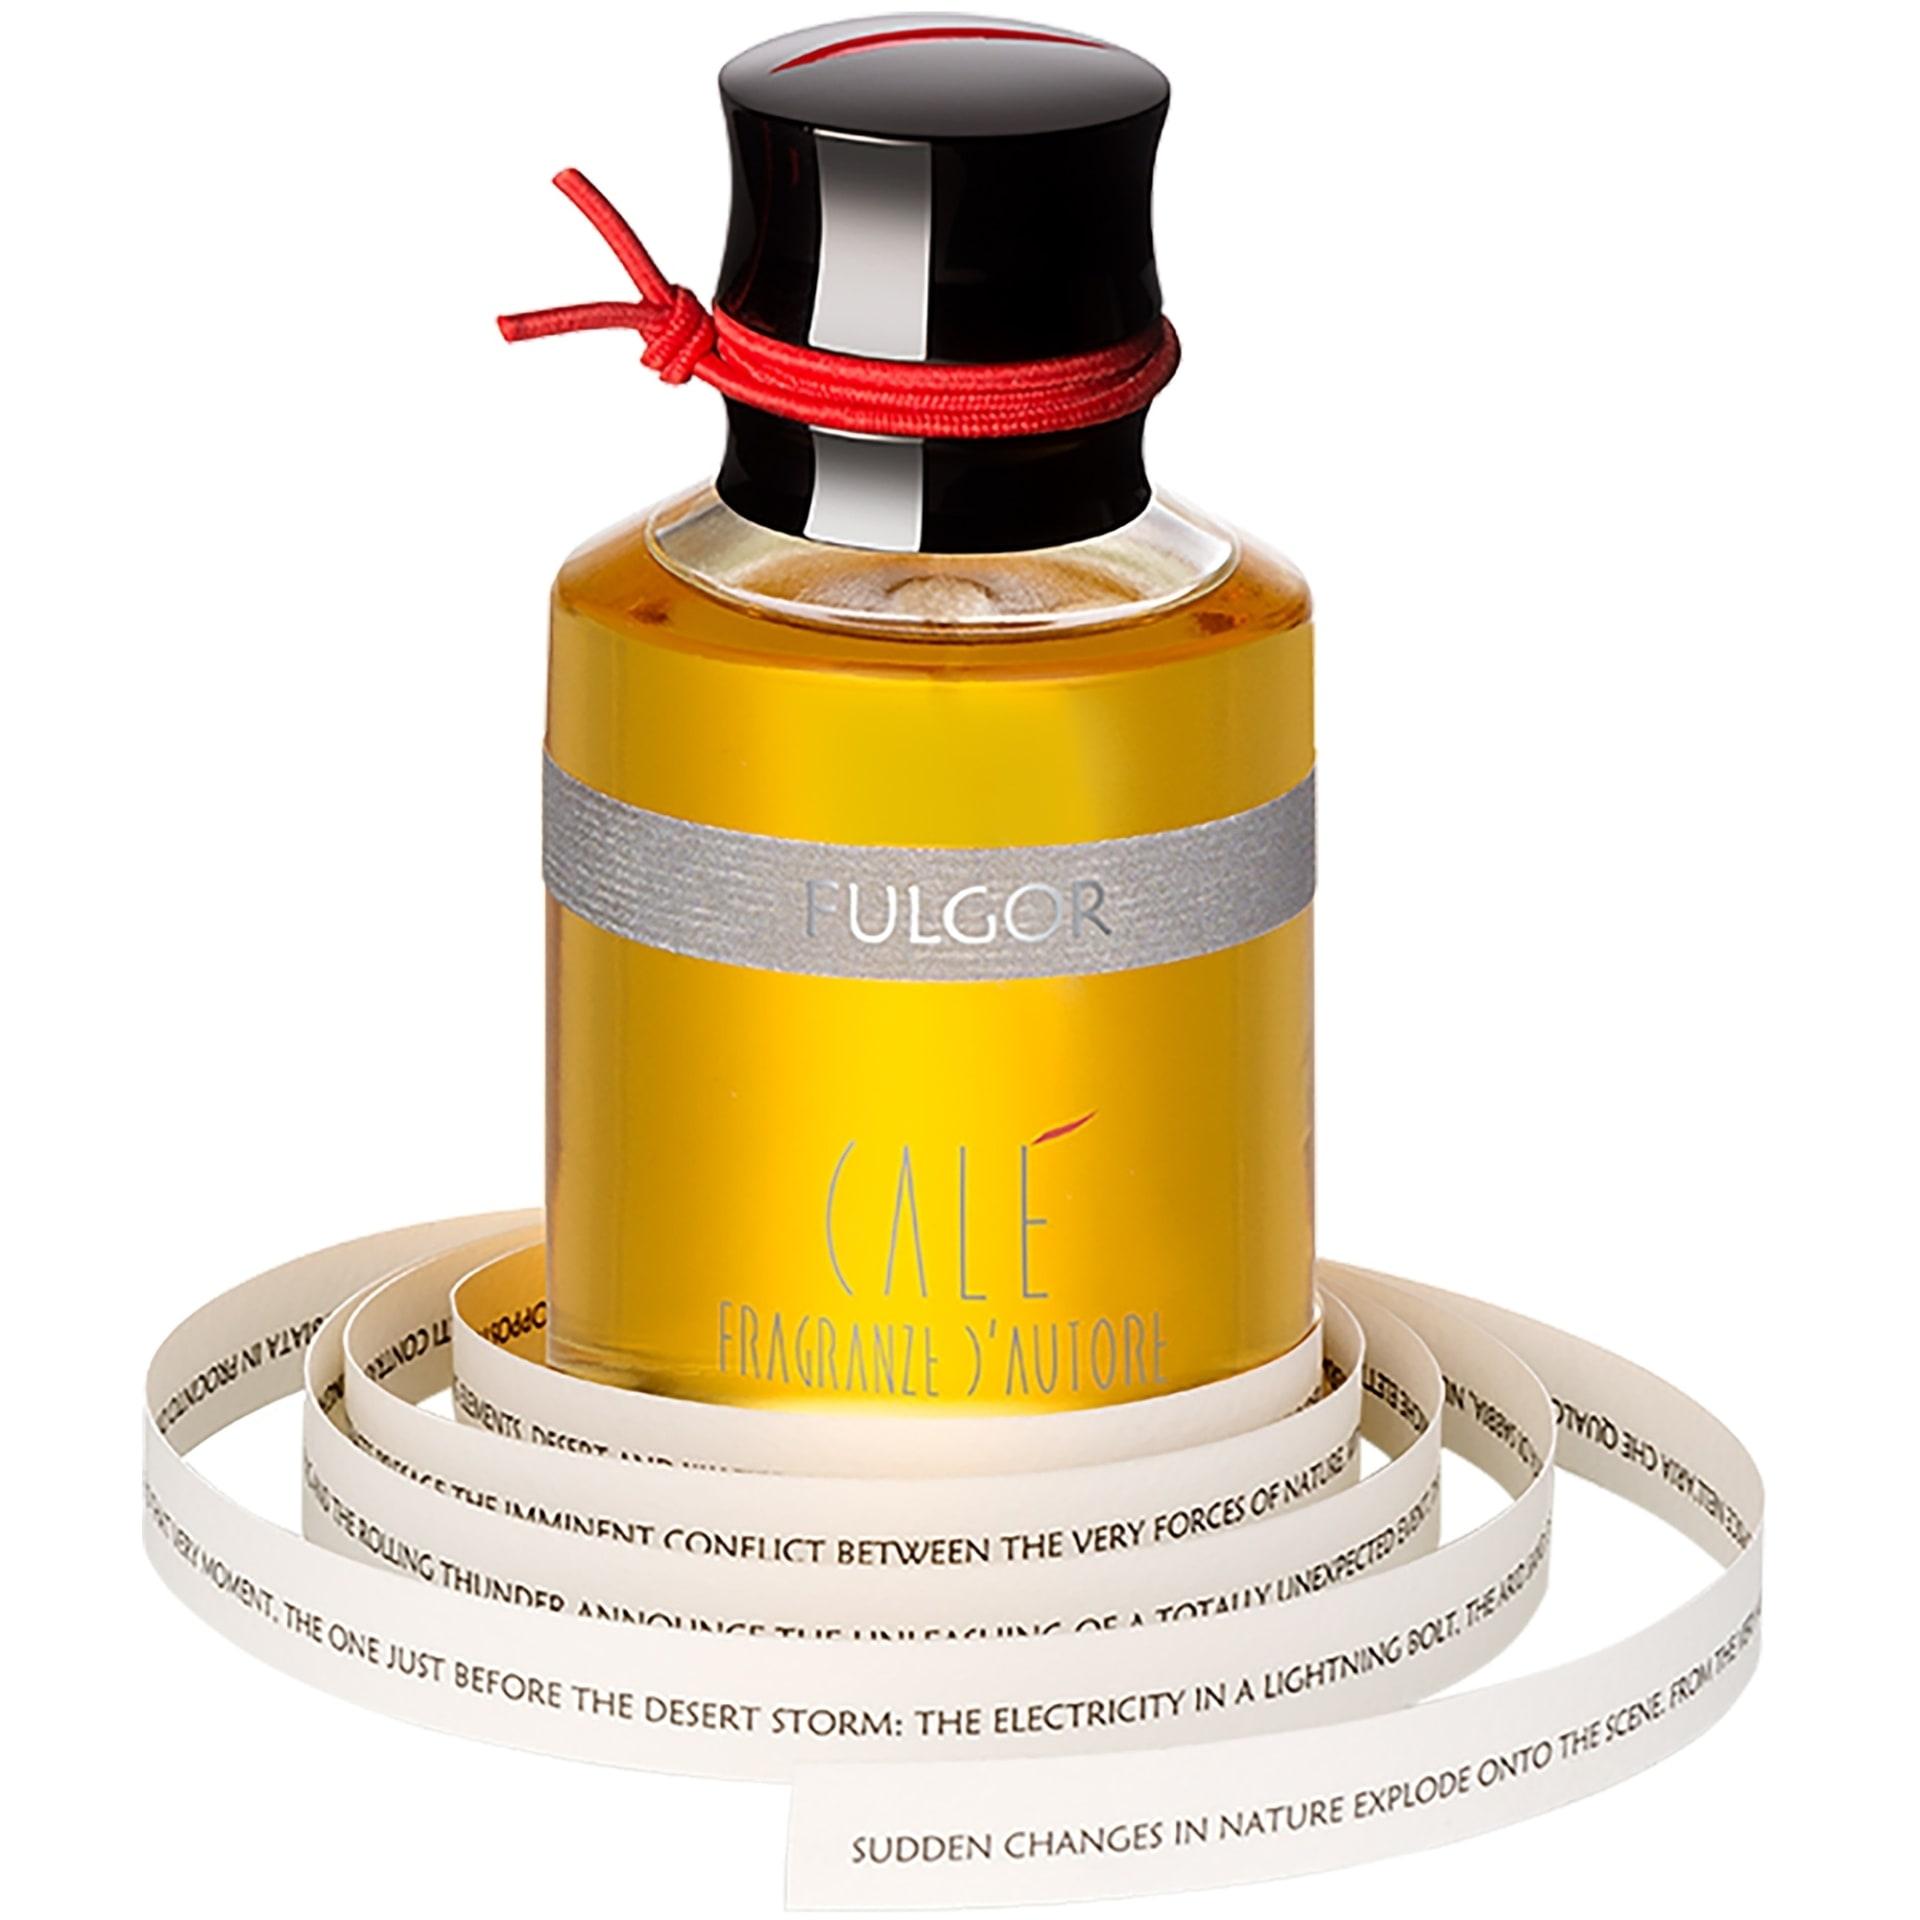 cale-fragranze-dautore-fulgor-3